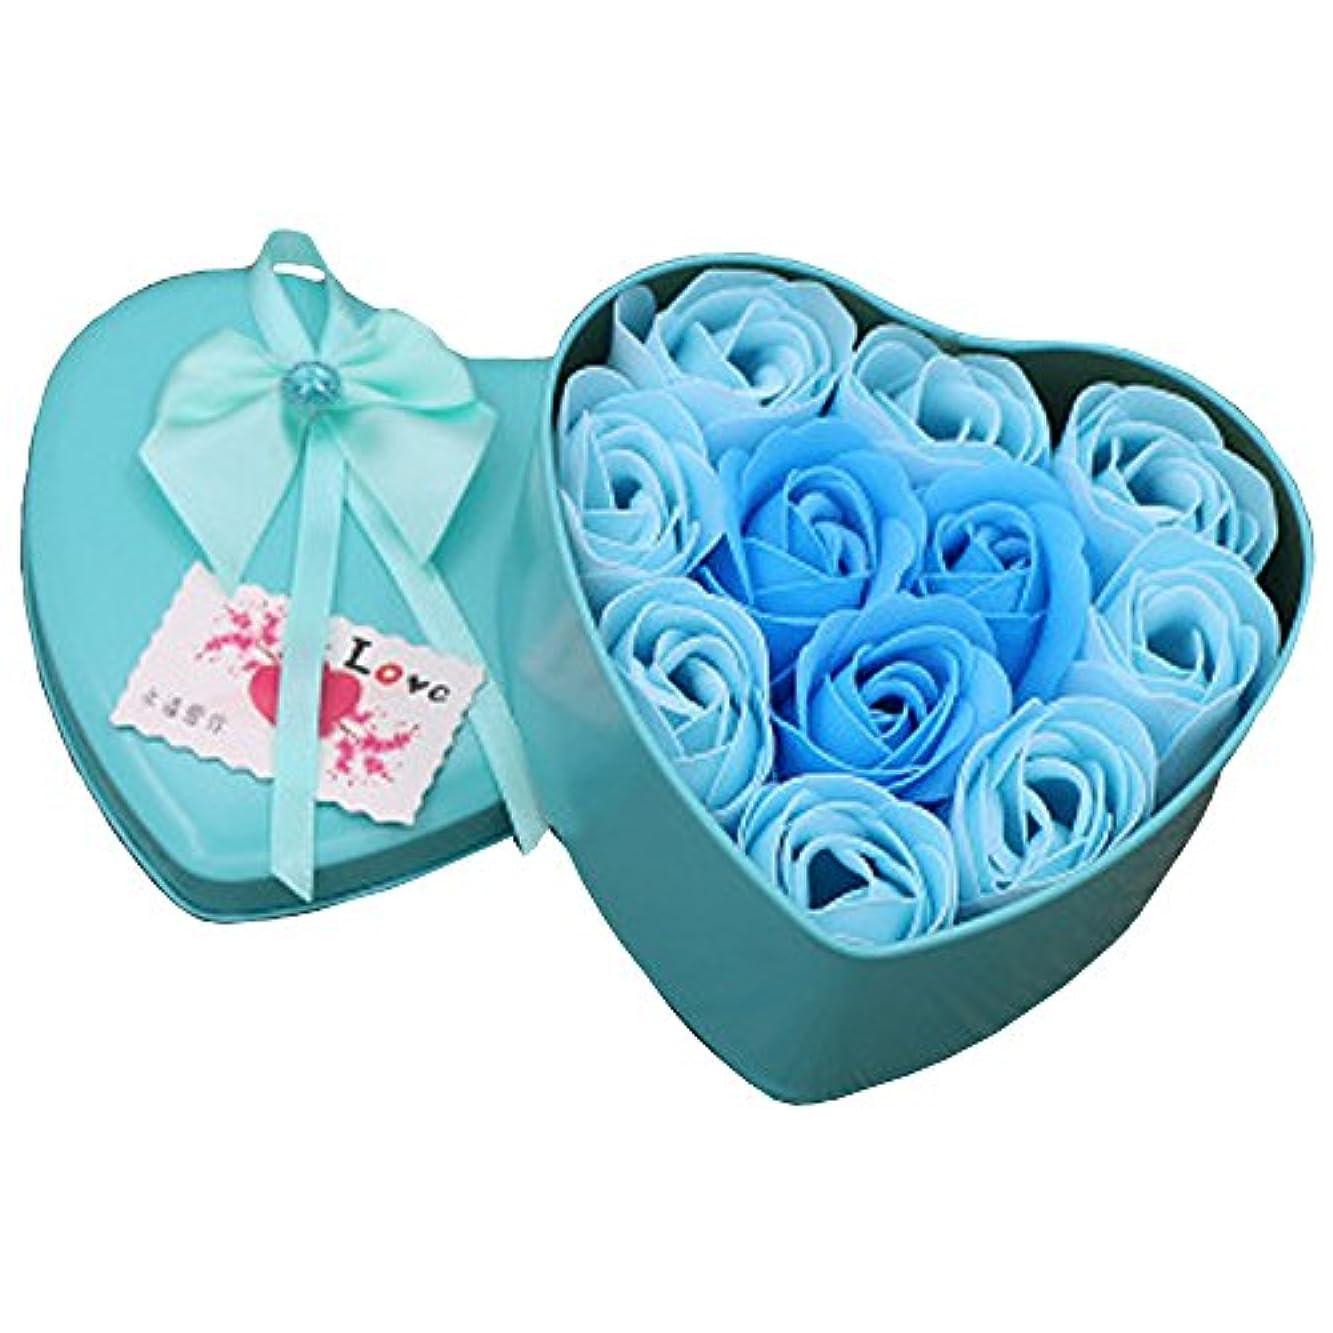 朝の体操をするセットするフェデレーションiCoole ソープフラワー 石鹸花 ハードフラワー形状 ギフトボックス入り 母の日 バレンタインデー お誕生日 ギフト